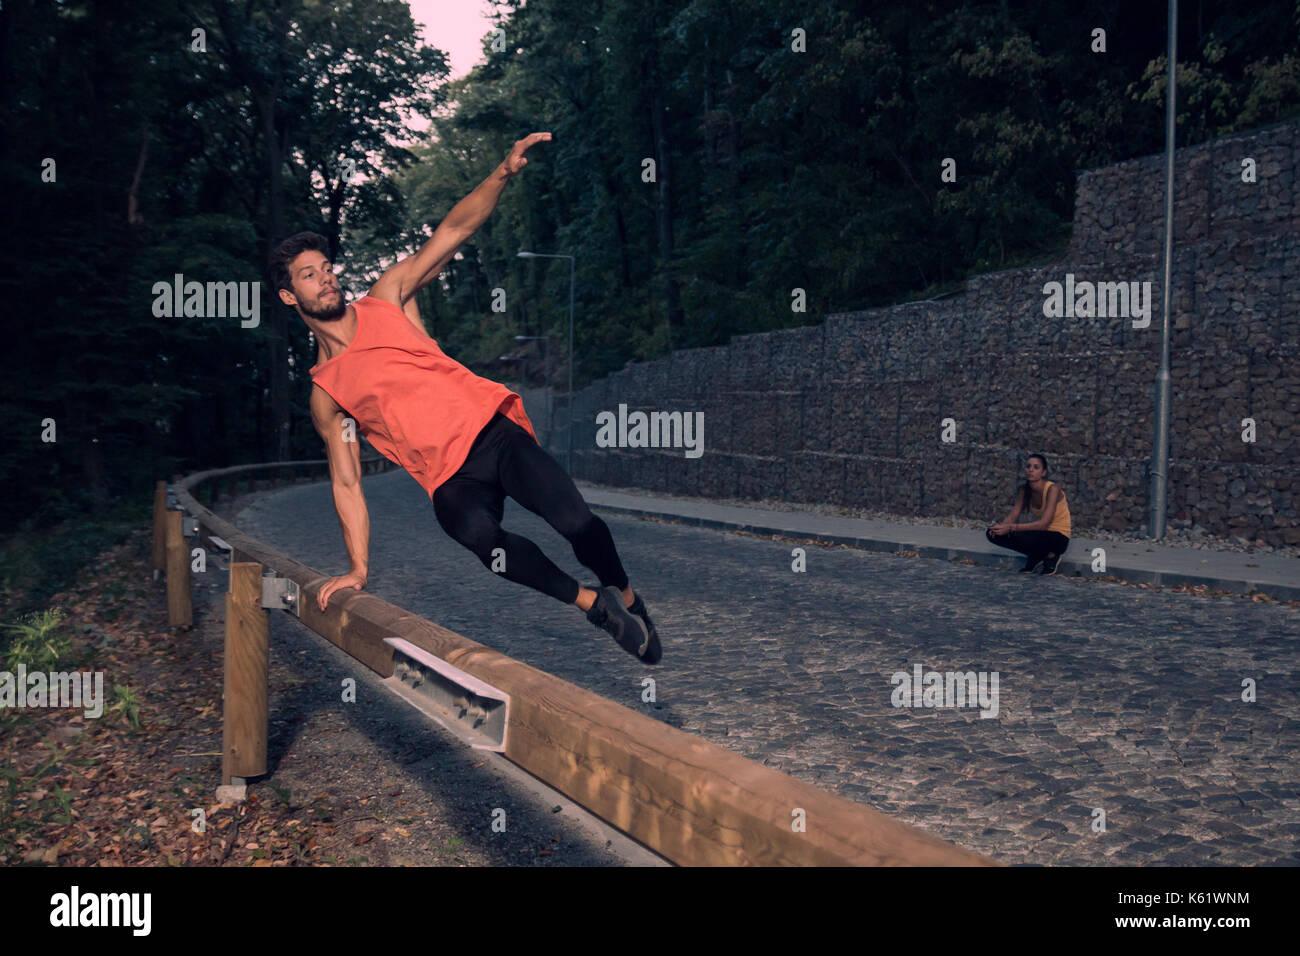 Deux jeunes gens, l'aventure, à l'extérieur, forêt route man jumping fence, parkour street stunt, milieu rural, femme arrière-plan derrière, sauter dans l'air Photo Stock